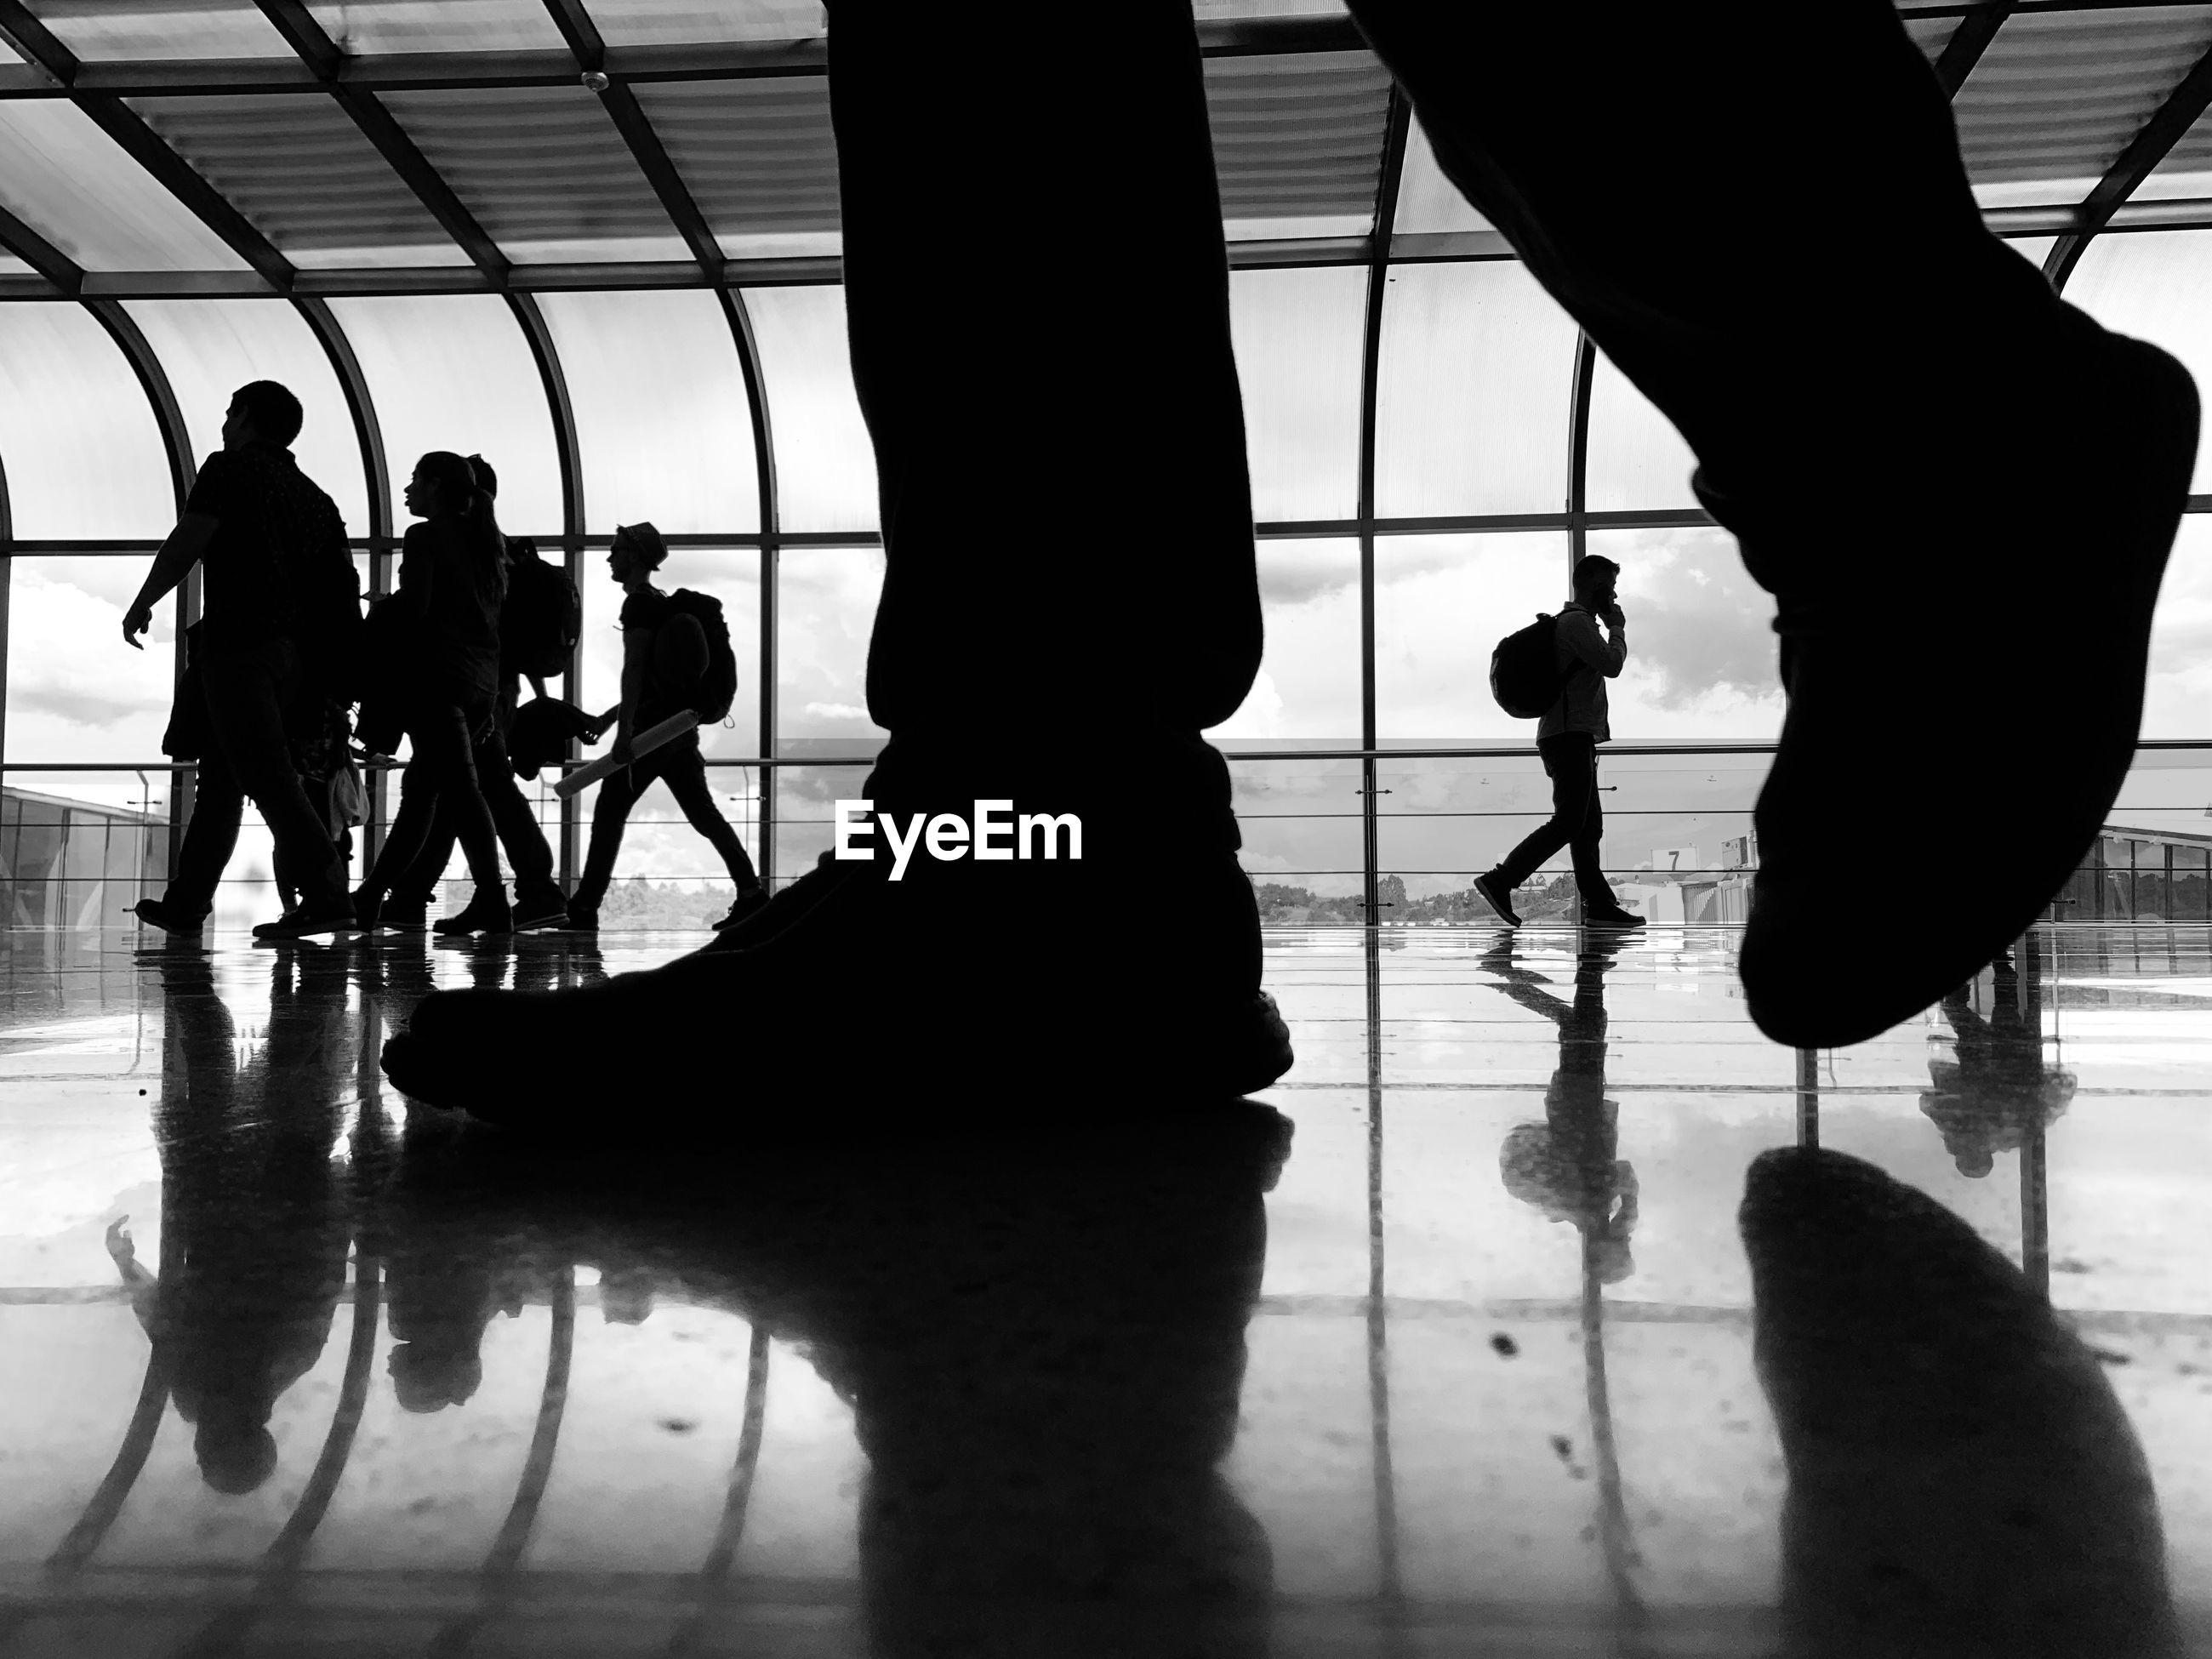 SILHOUETTE PEOPLE WALKING ON AIRPORT FLOOR